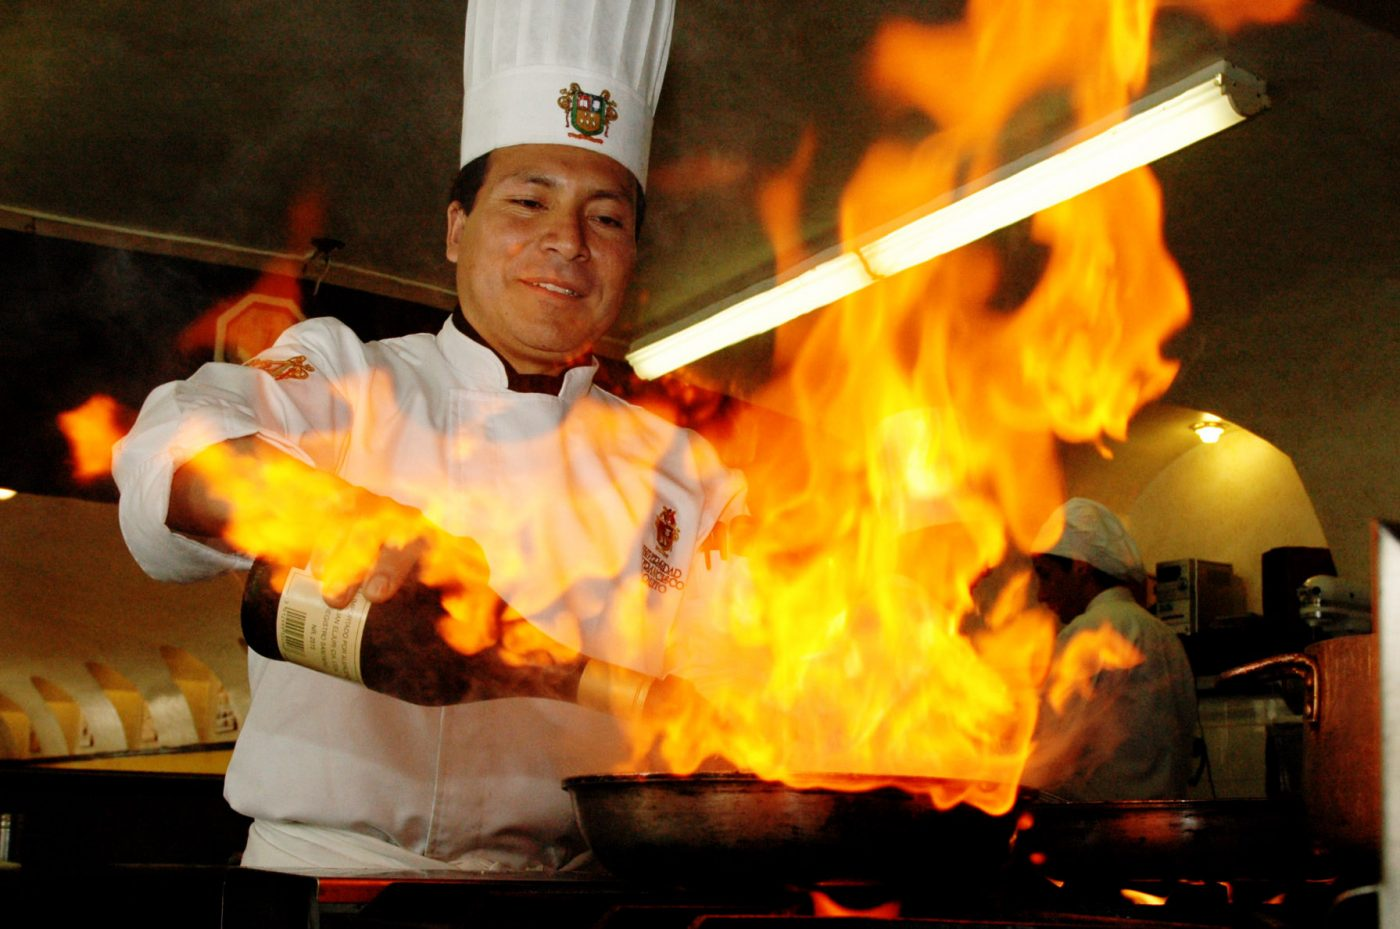 chef-cooking- (credit: Ricardo Vasquez)